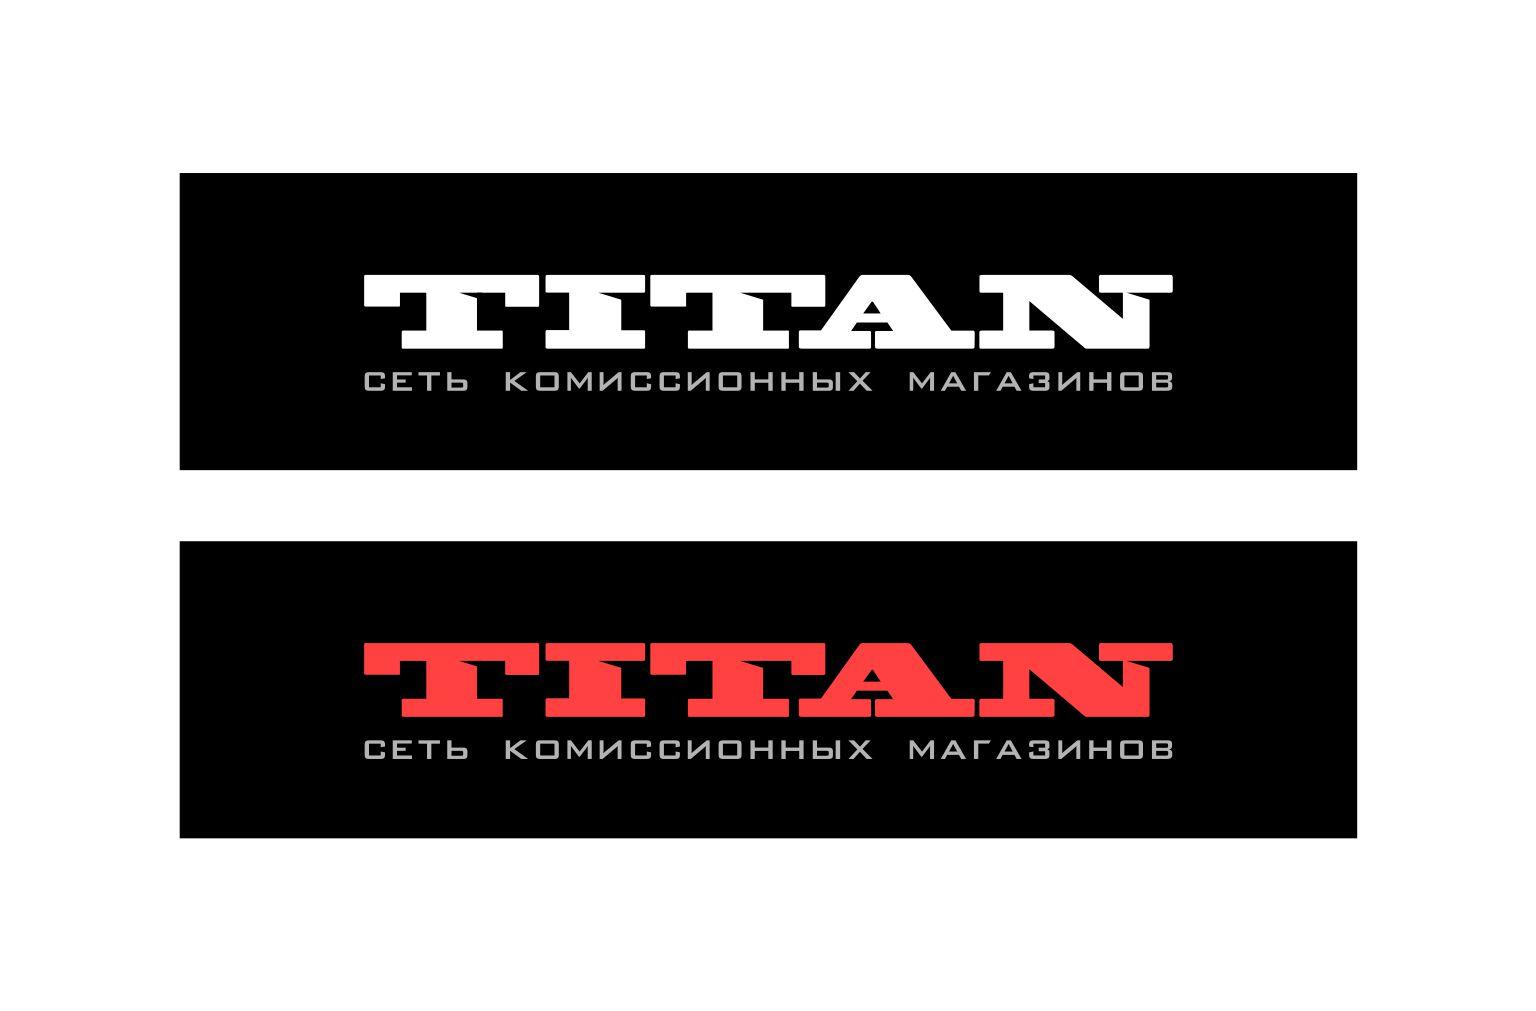 Разработка логотипа (срочно) фото f_8165d4ad79884387.jpg